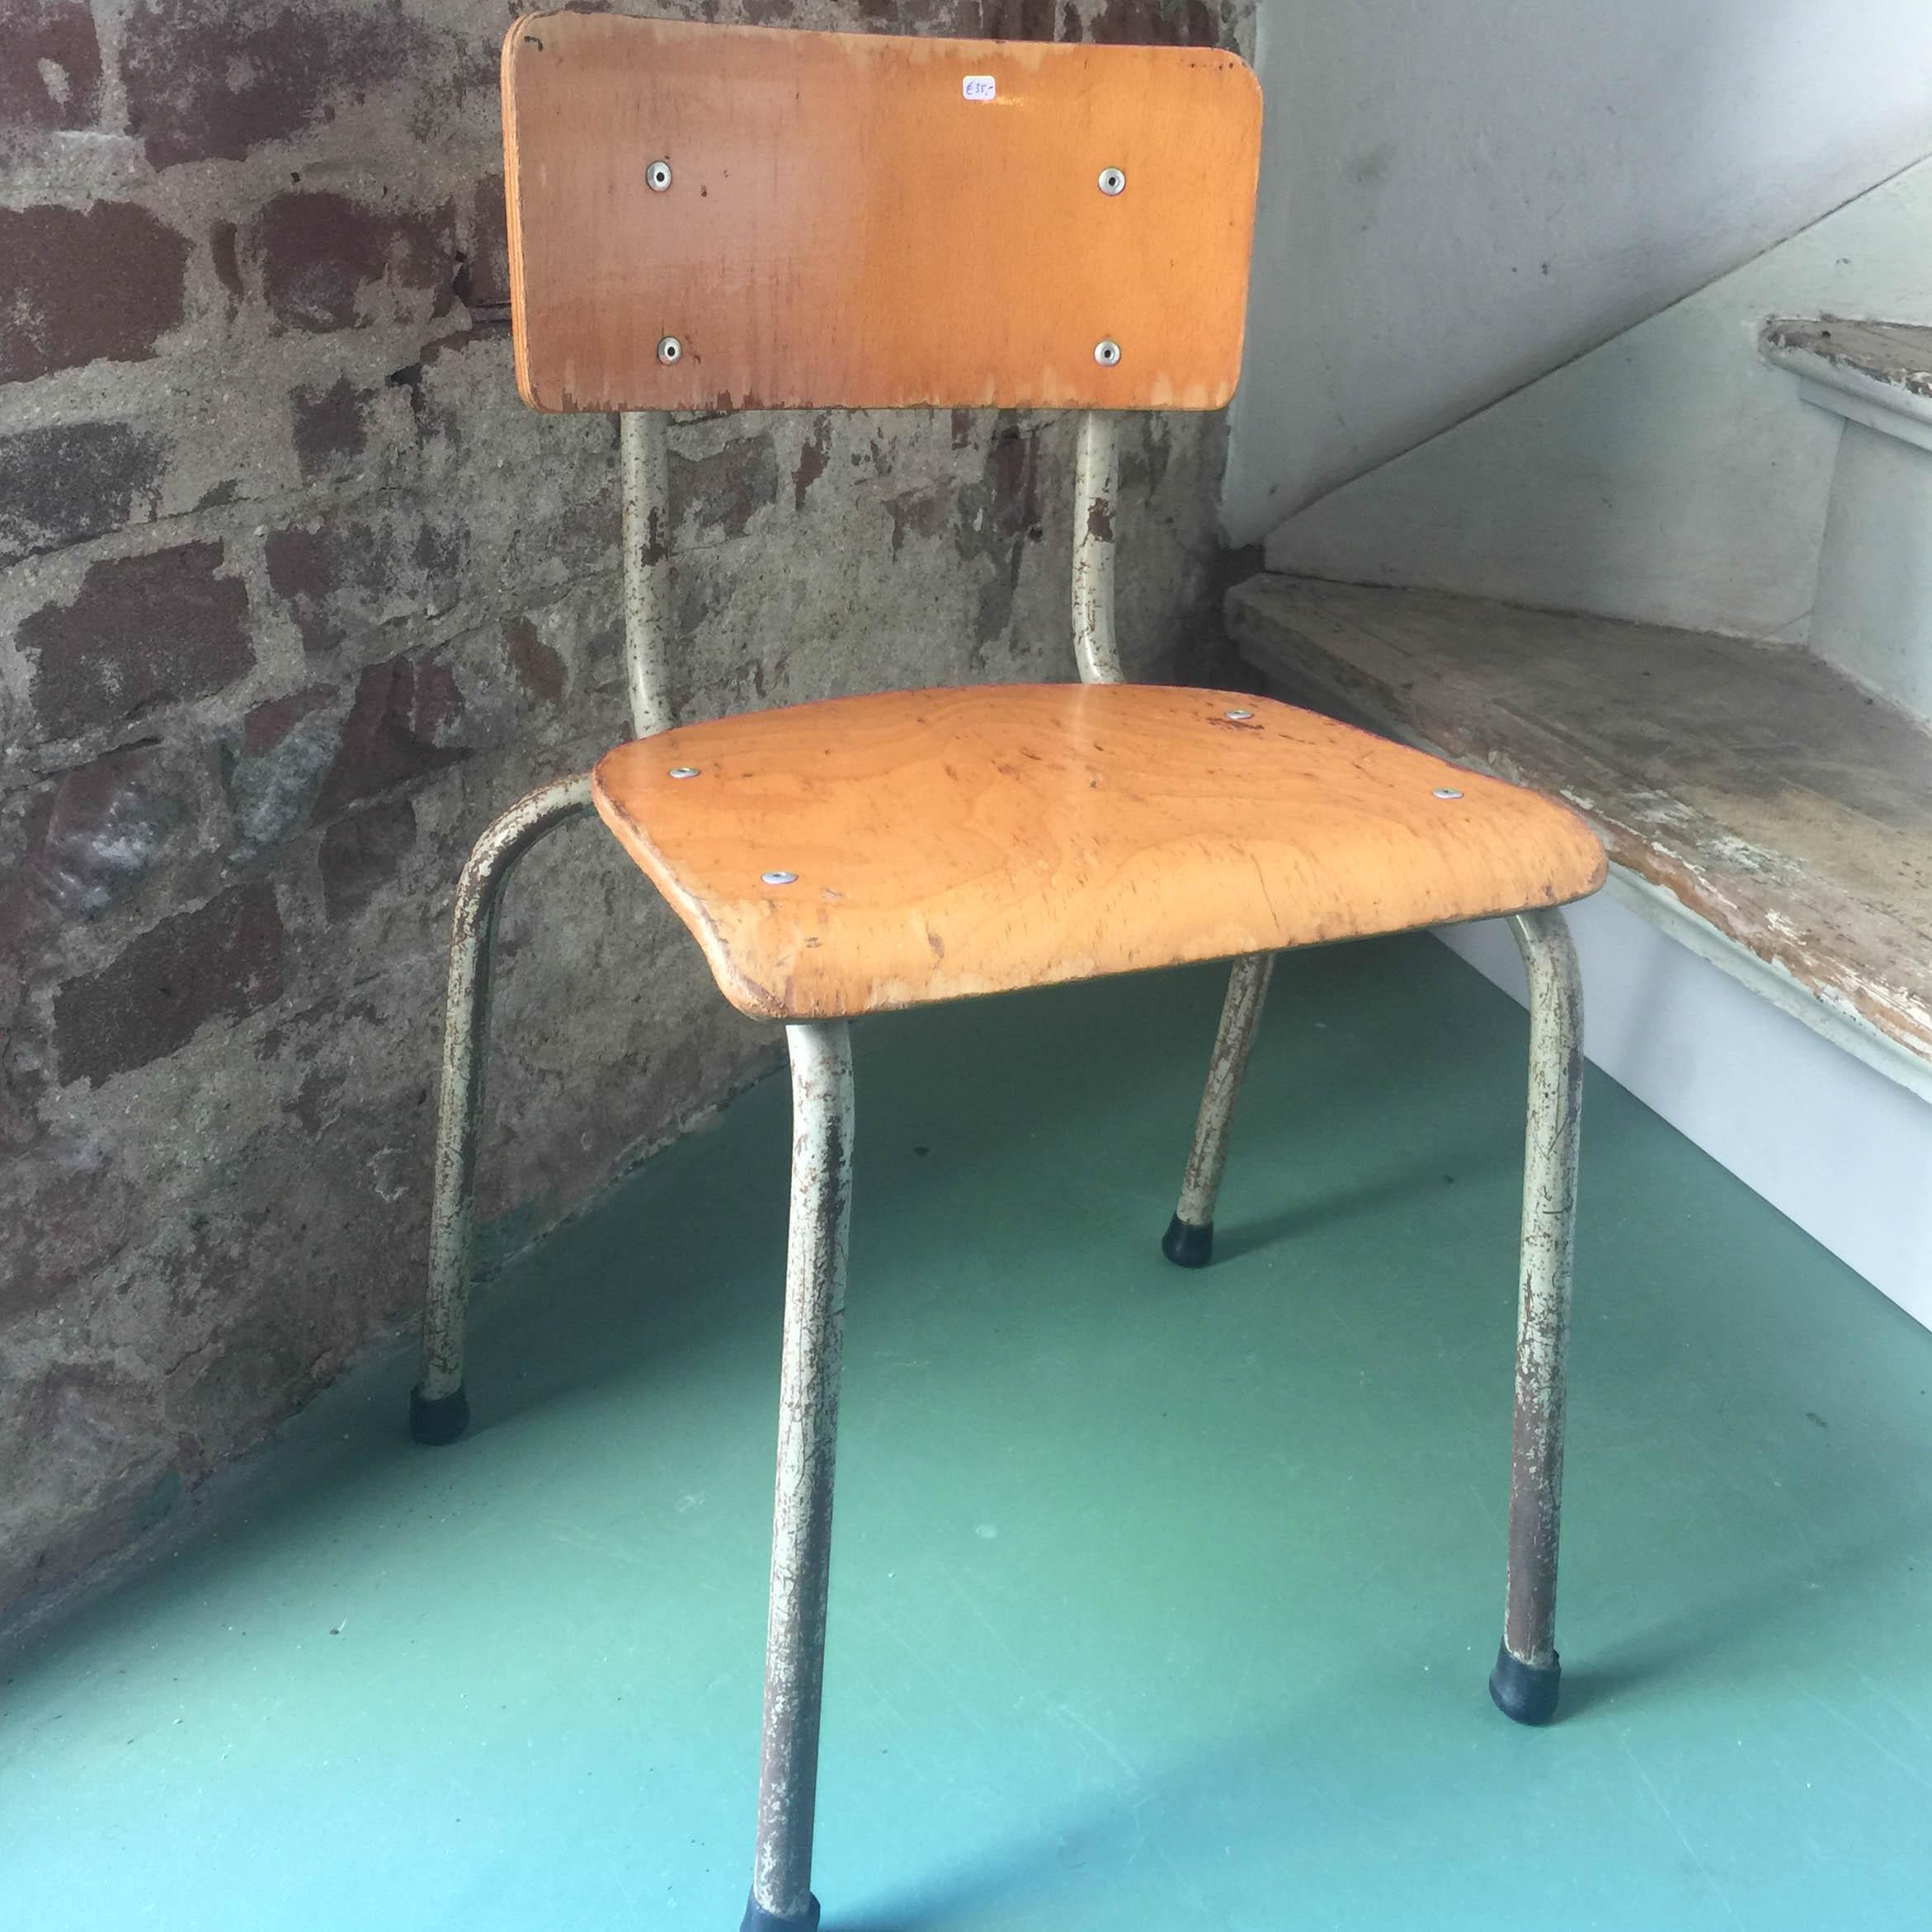 kleuterstoeltje houten zitting en rugleuning stalen poten, vintage